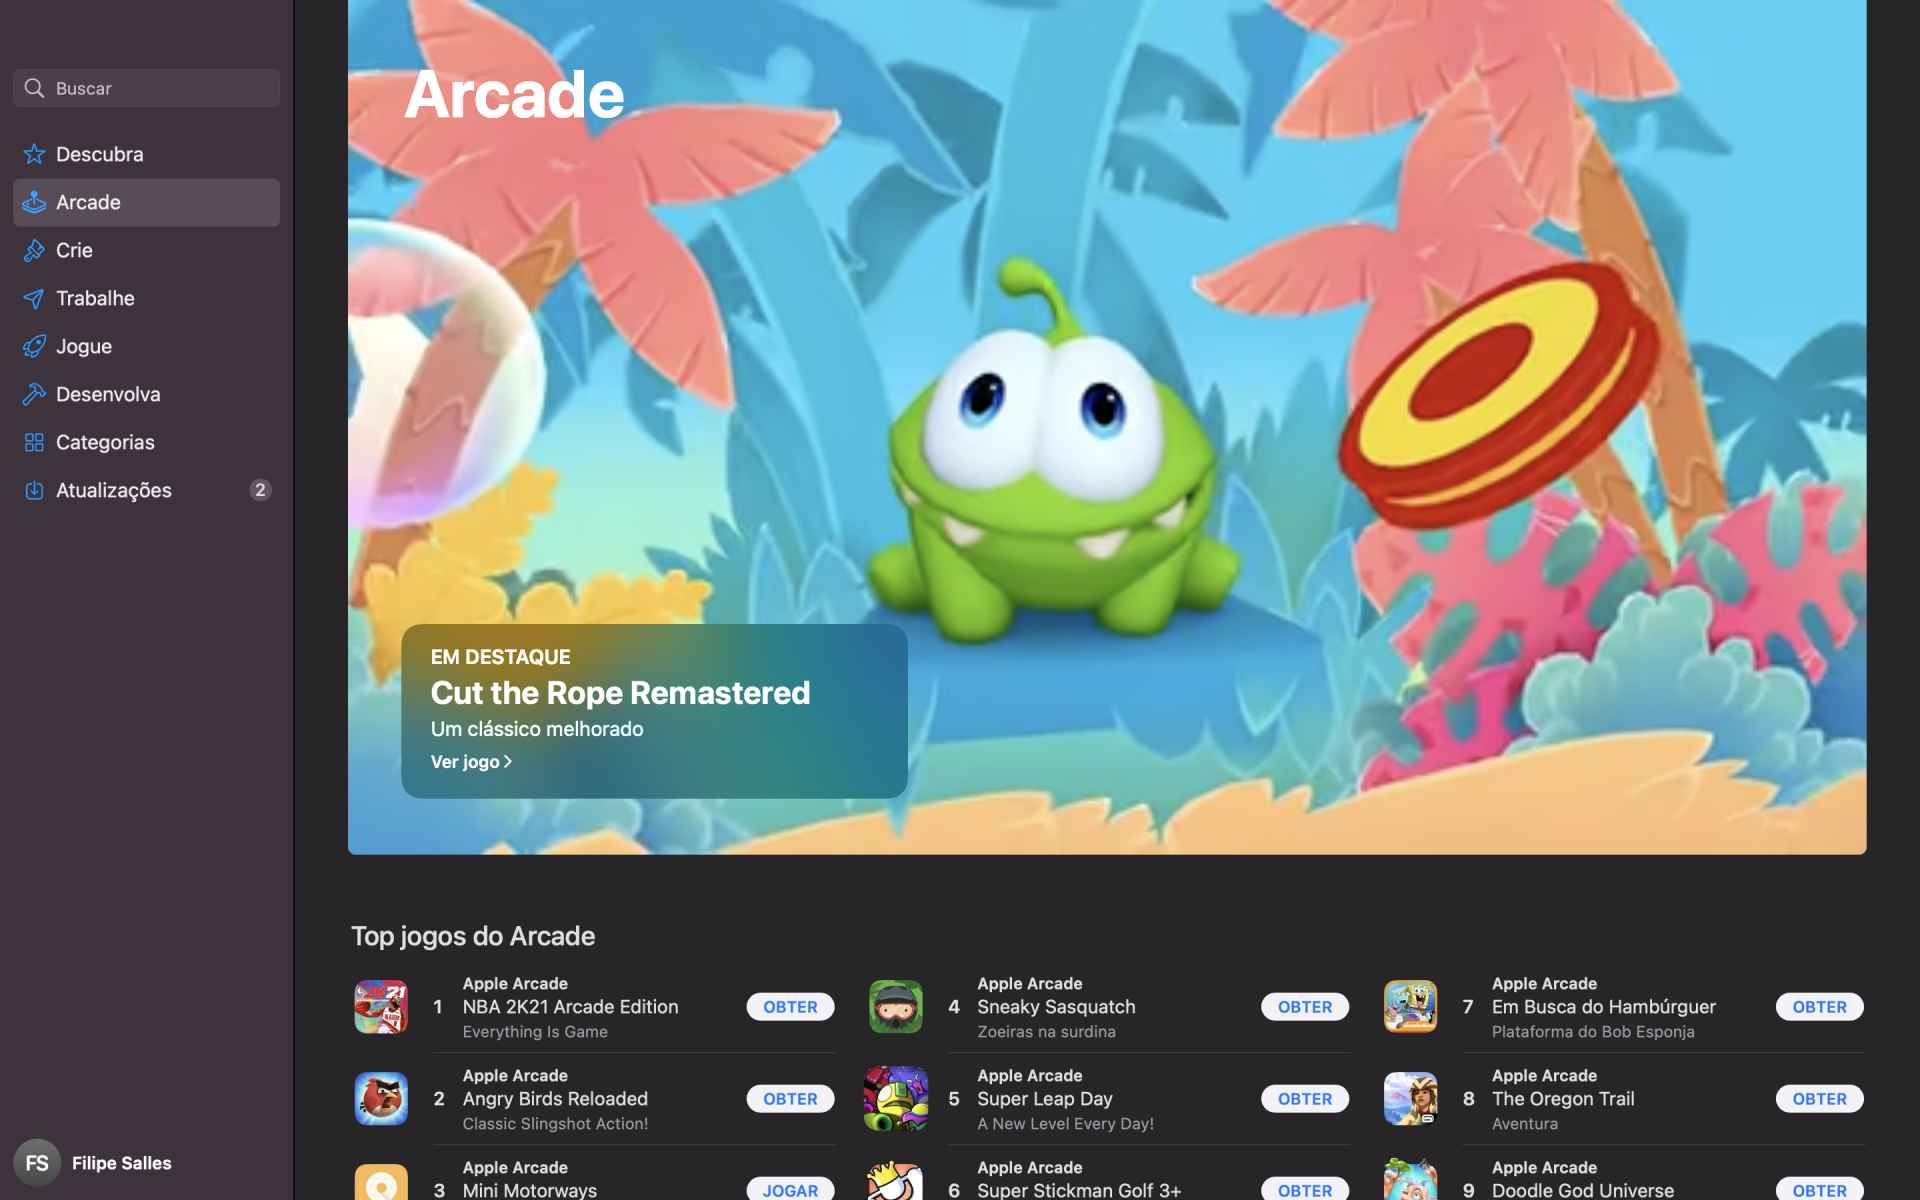 Captura de tela da página inicial do serviço Apple Arcade